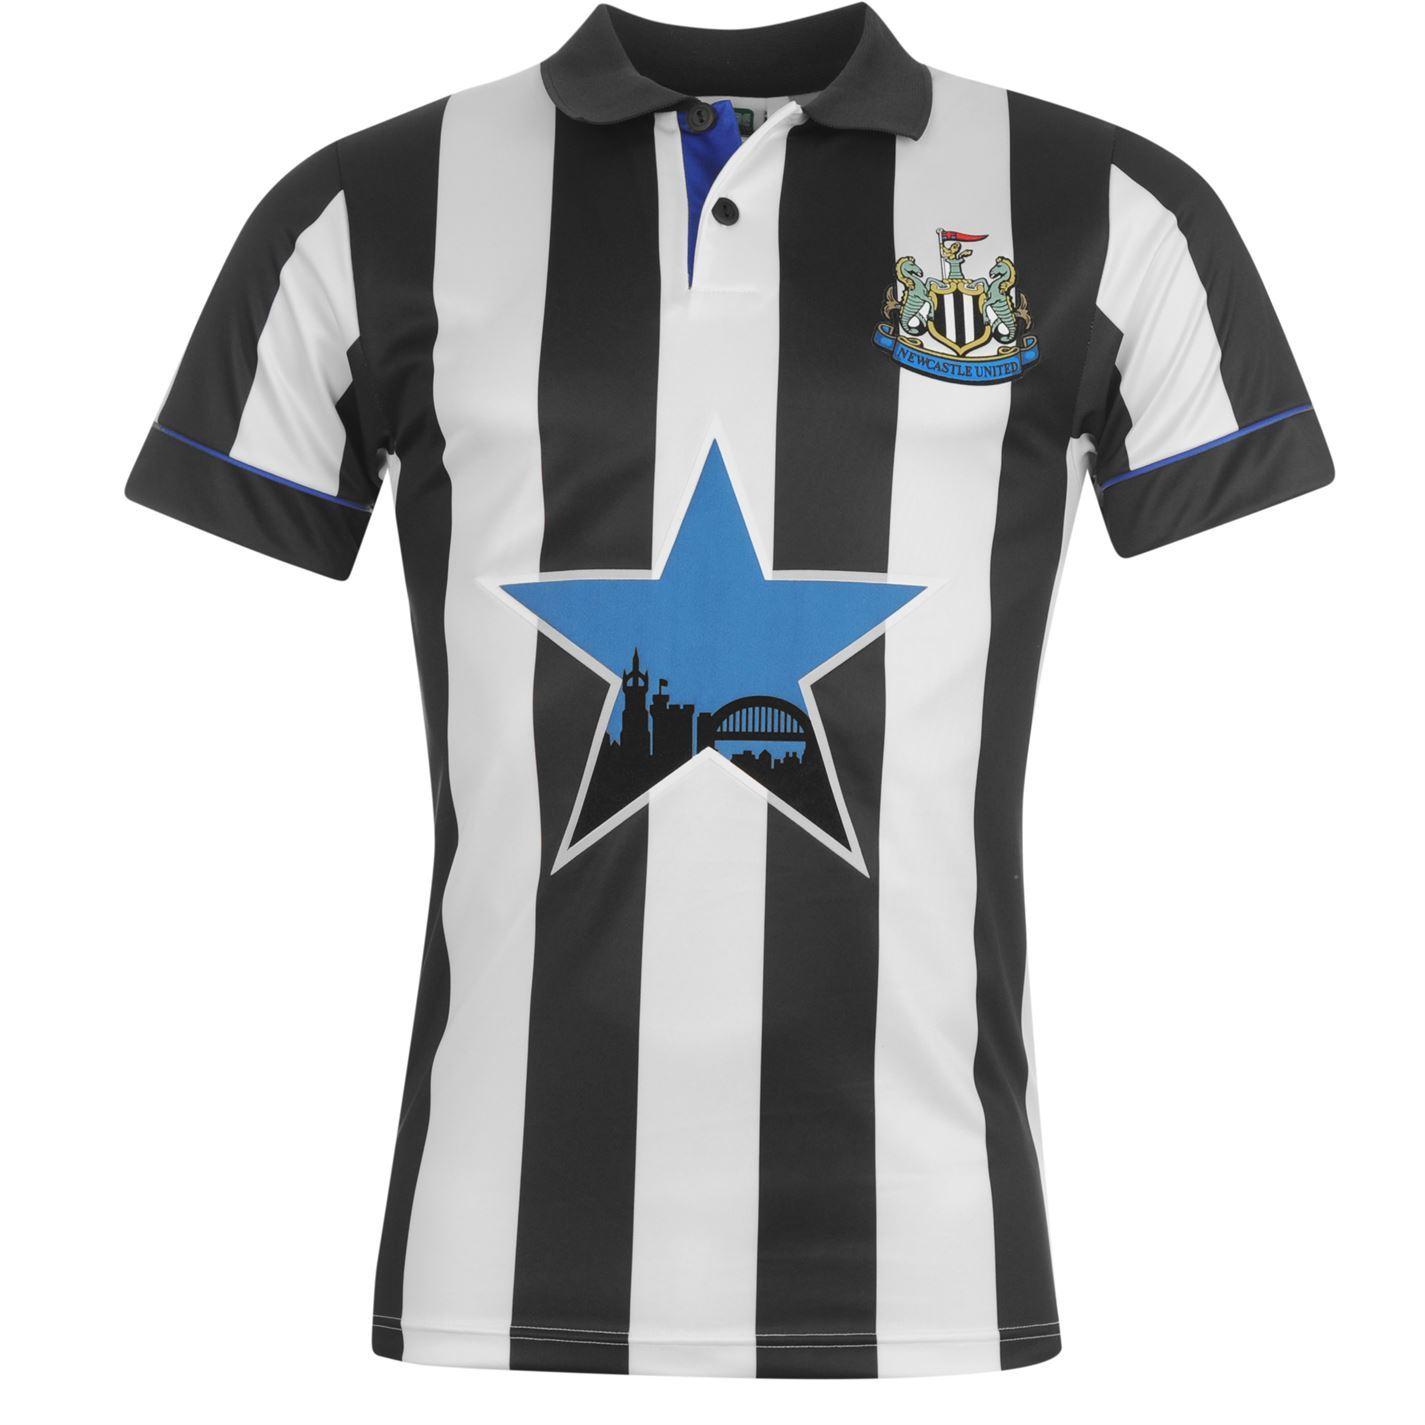 Newcastle United FC 1994 Home Jersey Score Draw Mens Retro ...